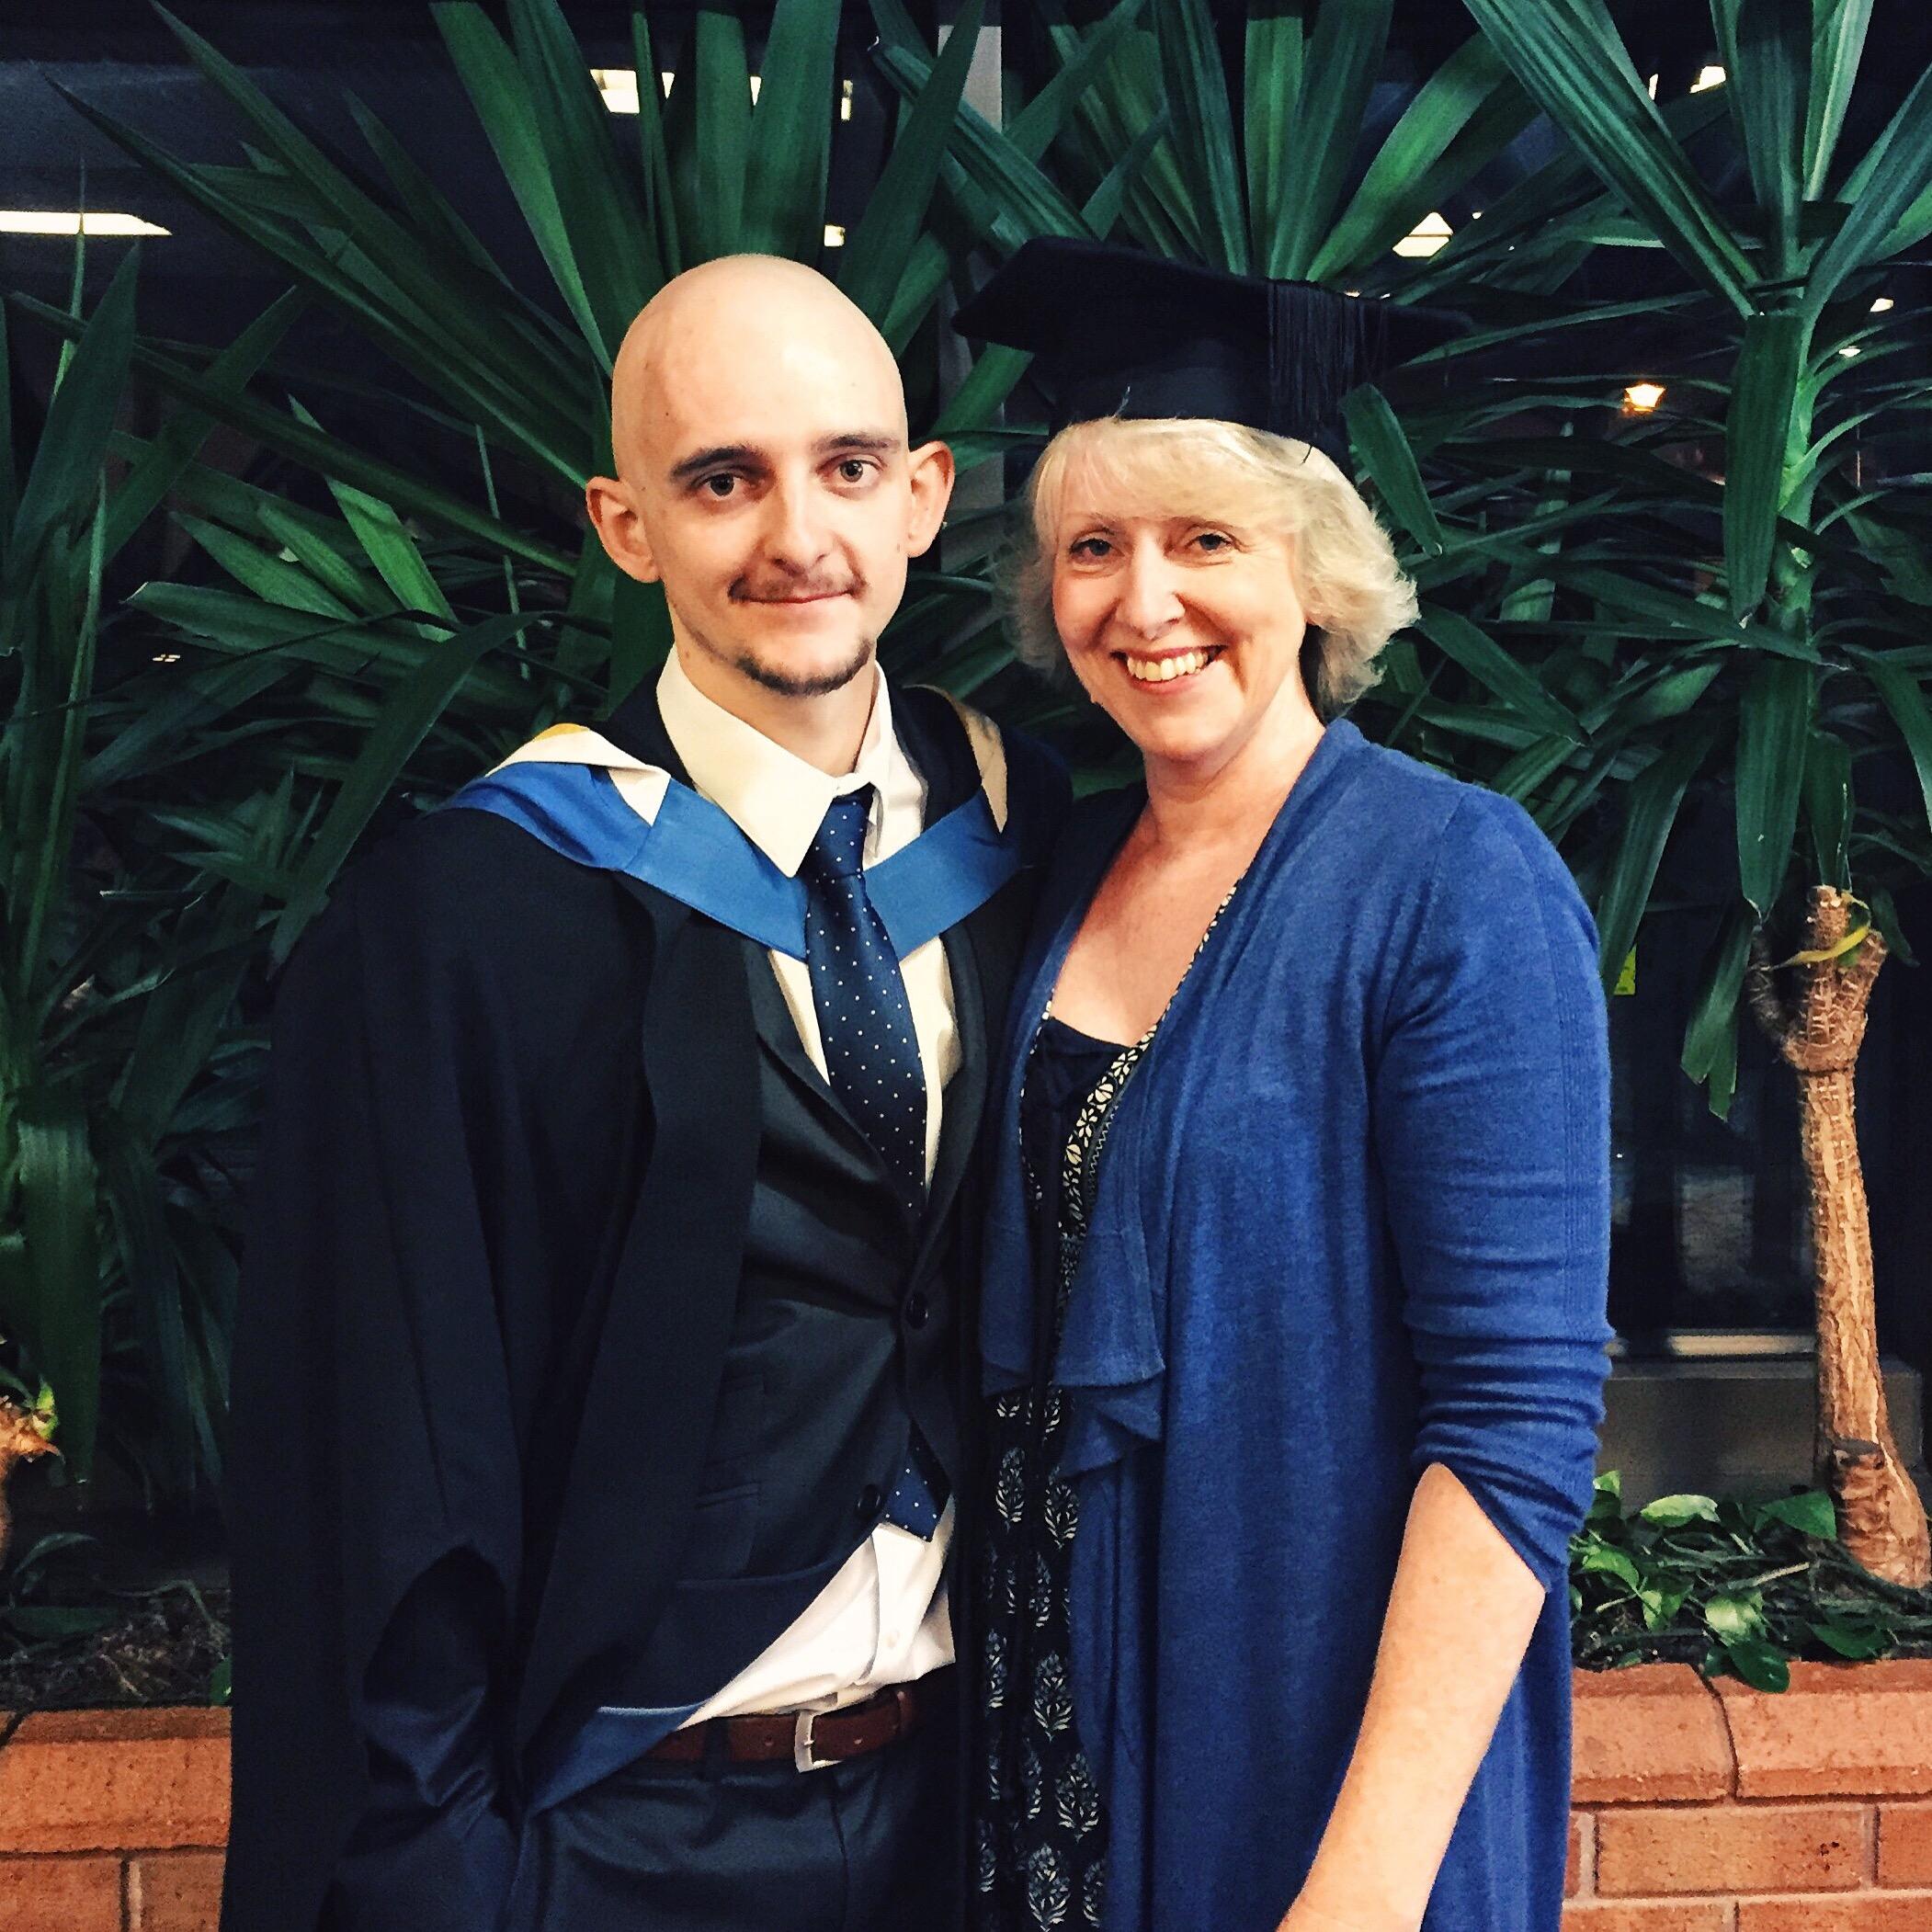 Jordan and Mum - Graduation (Nov 2015)